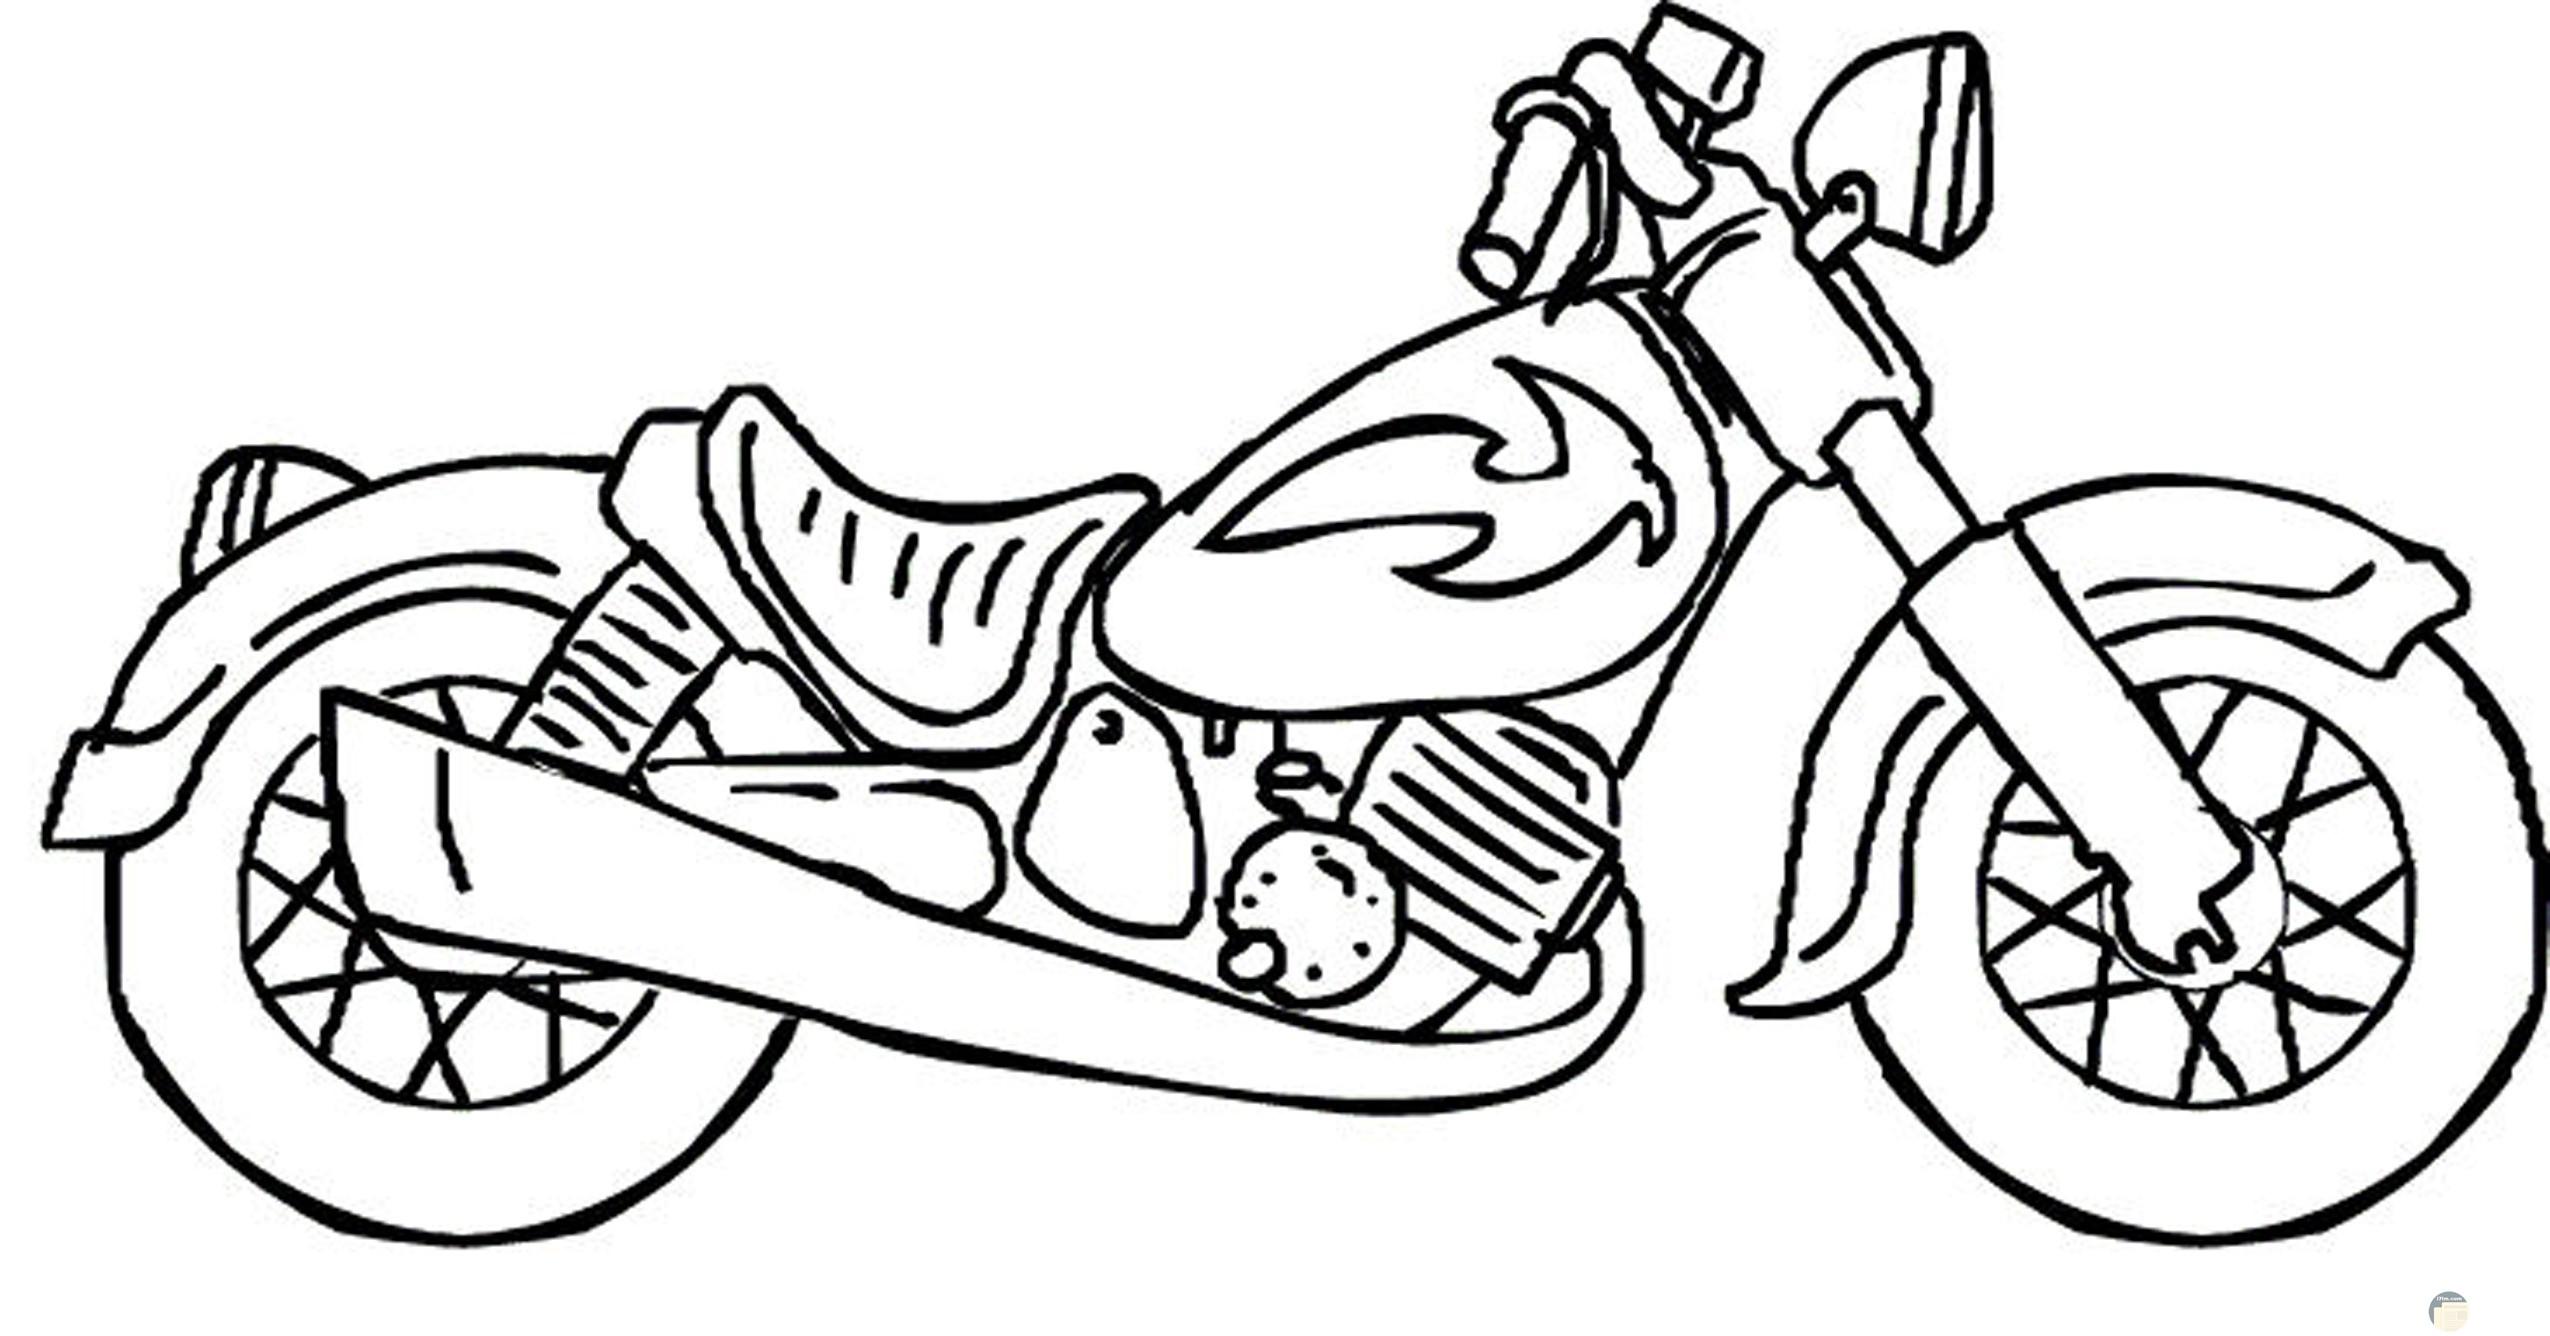 رسمة موتوسيكل بالأبيض والأسود للتلوين